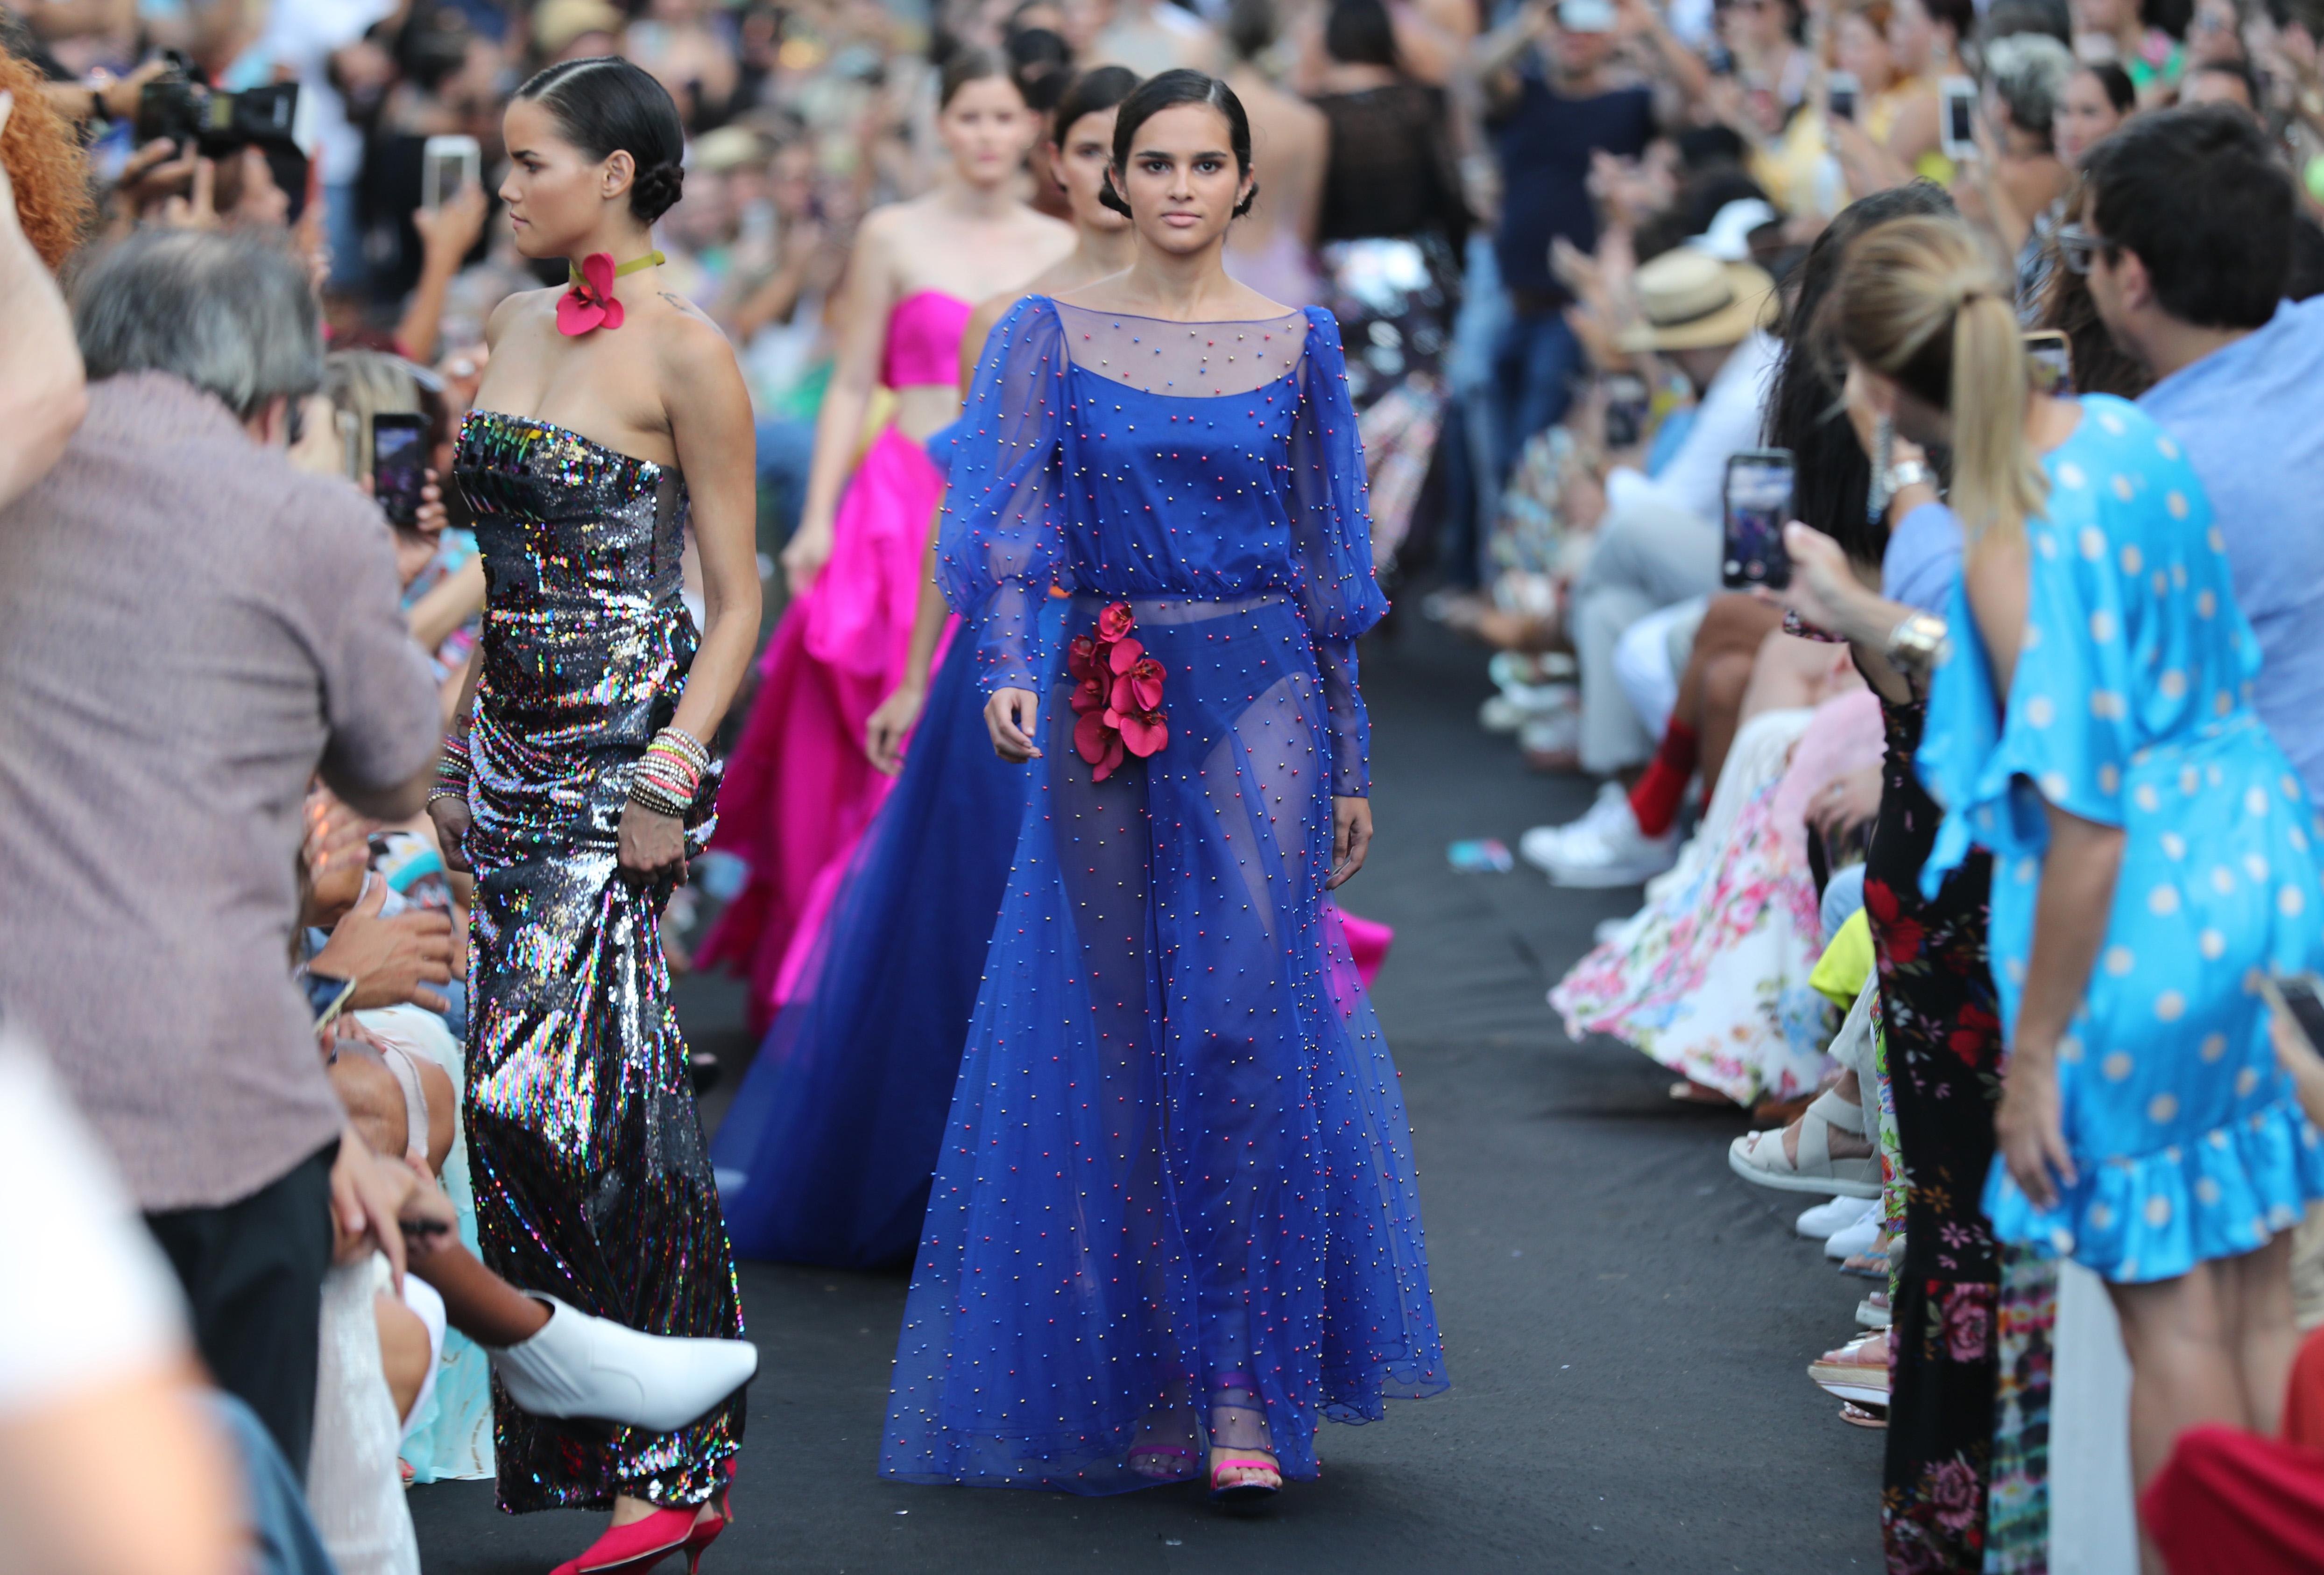 Los colores brillantes también impactaron en el desfile. (Foto: Juan Luis Martínez)